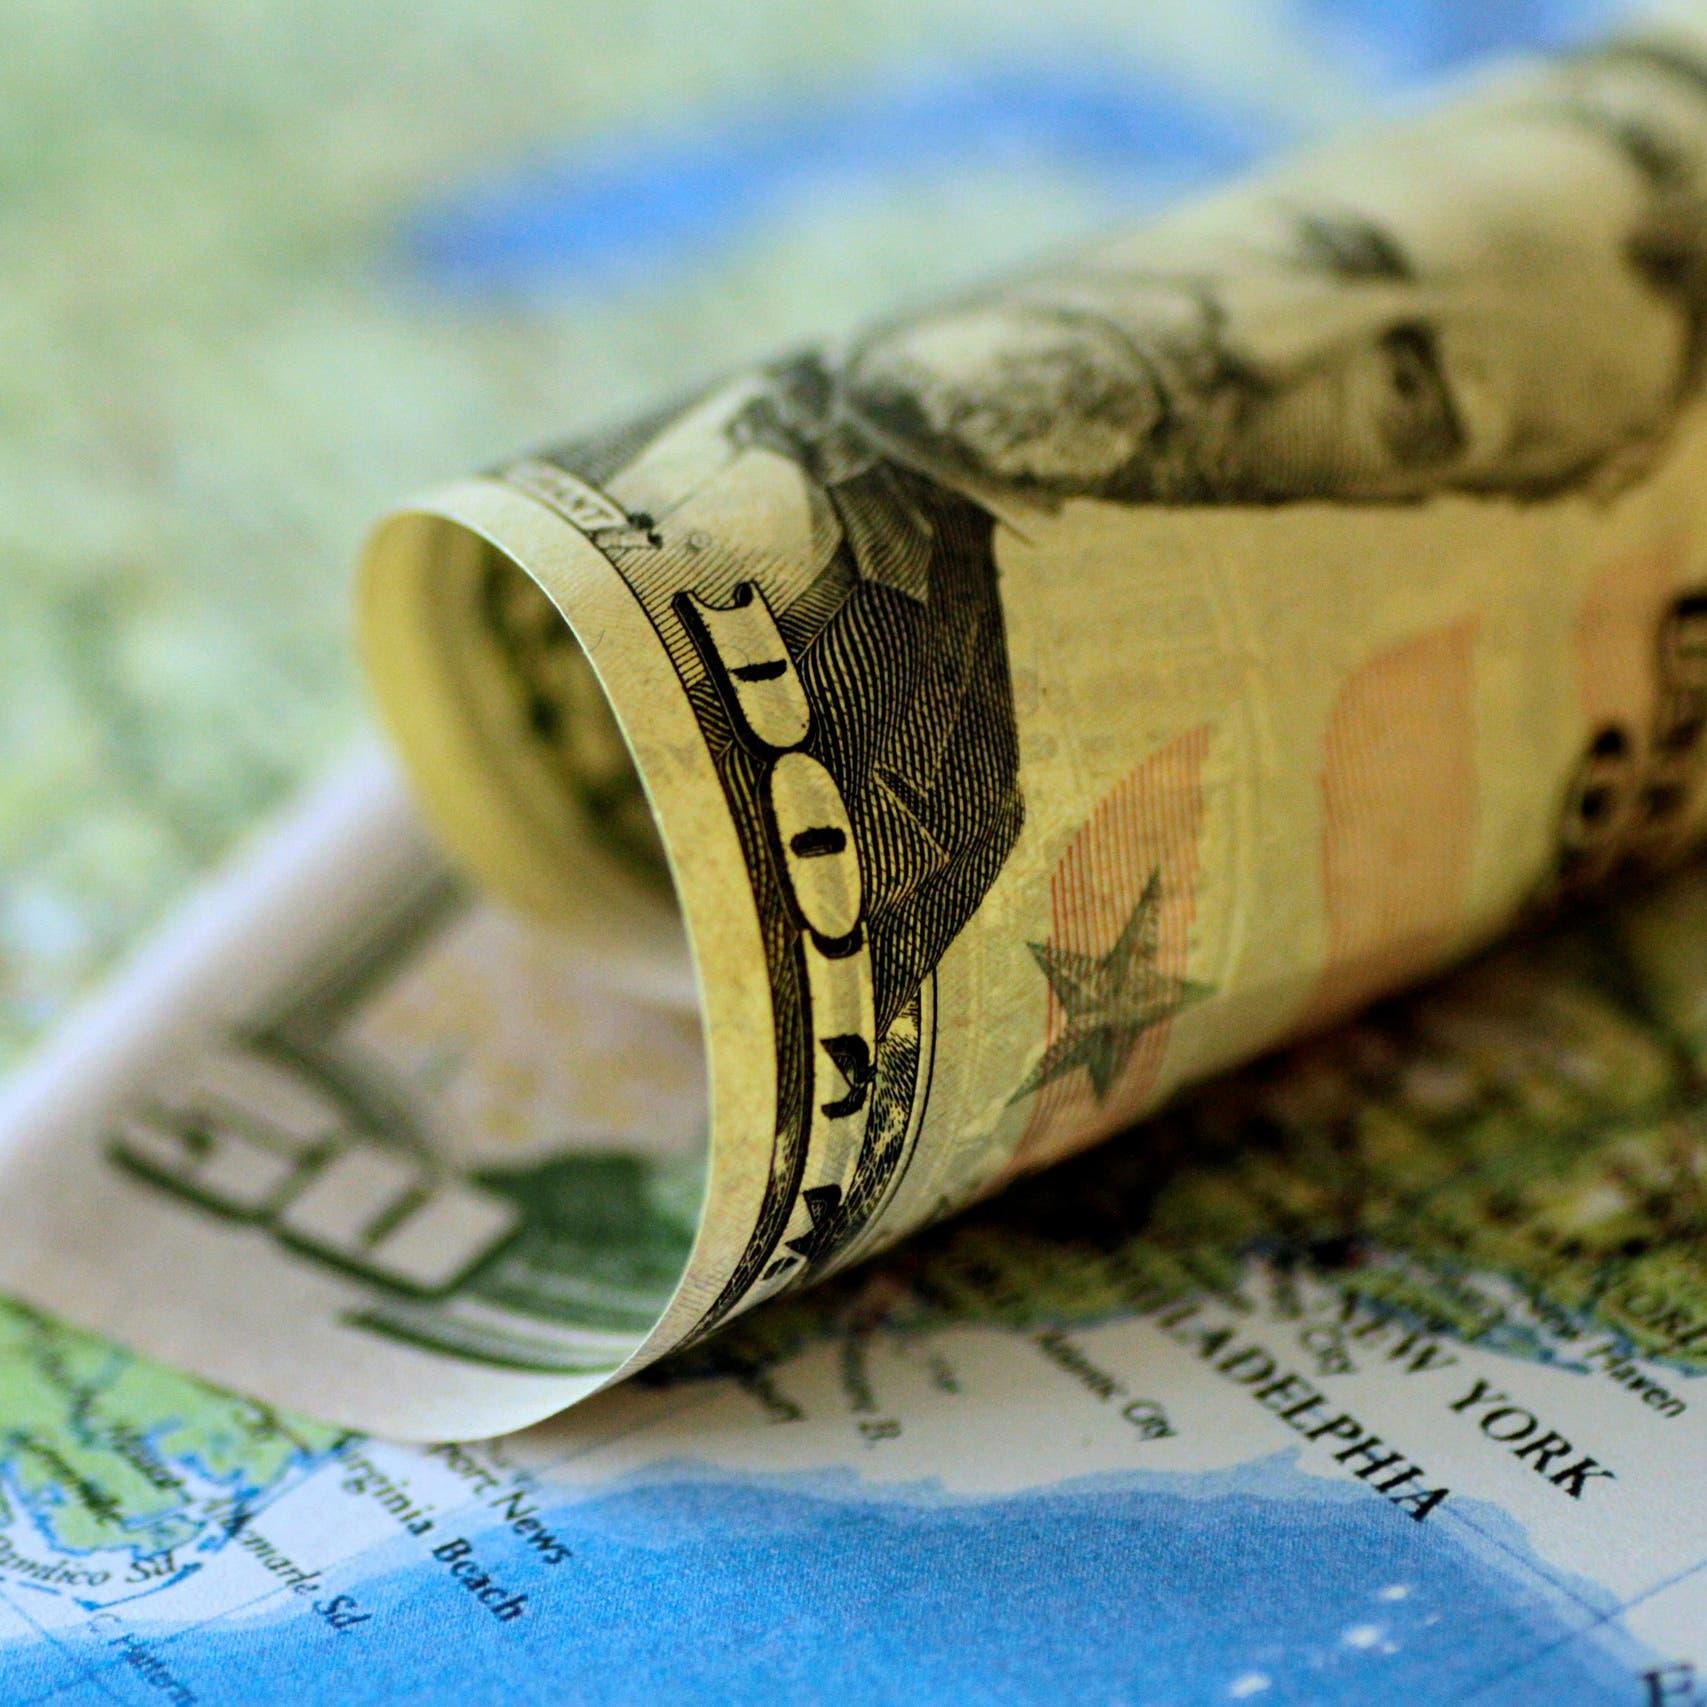 """نهاية إمبراطورية """"الدولار""""؟ فايننشال تايمز تتوقع انهياره بـ35%"""